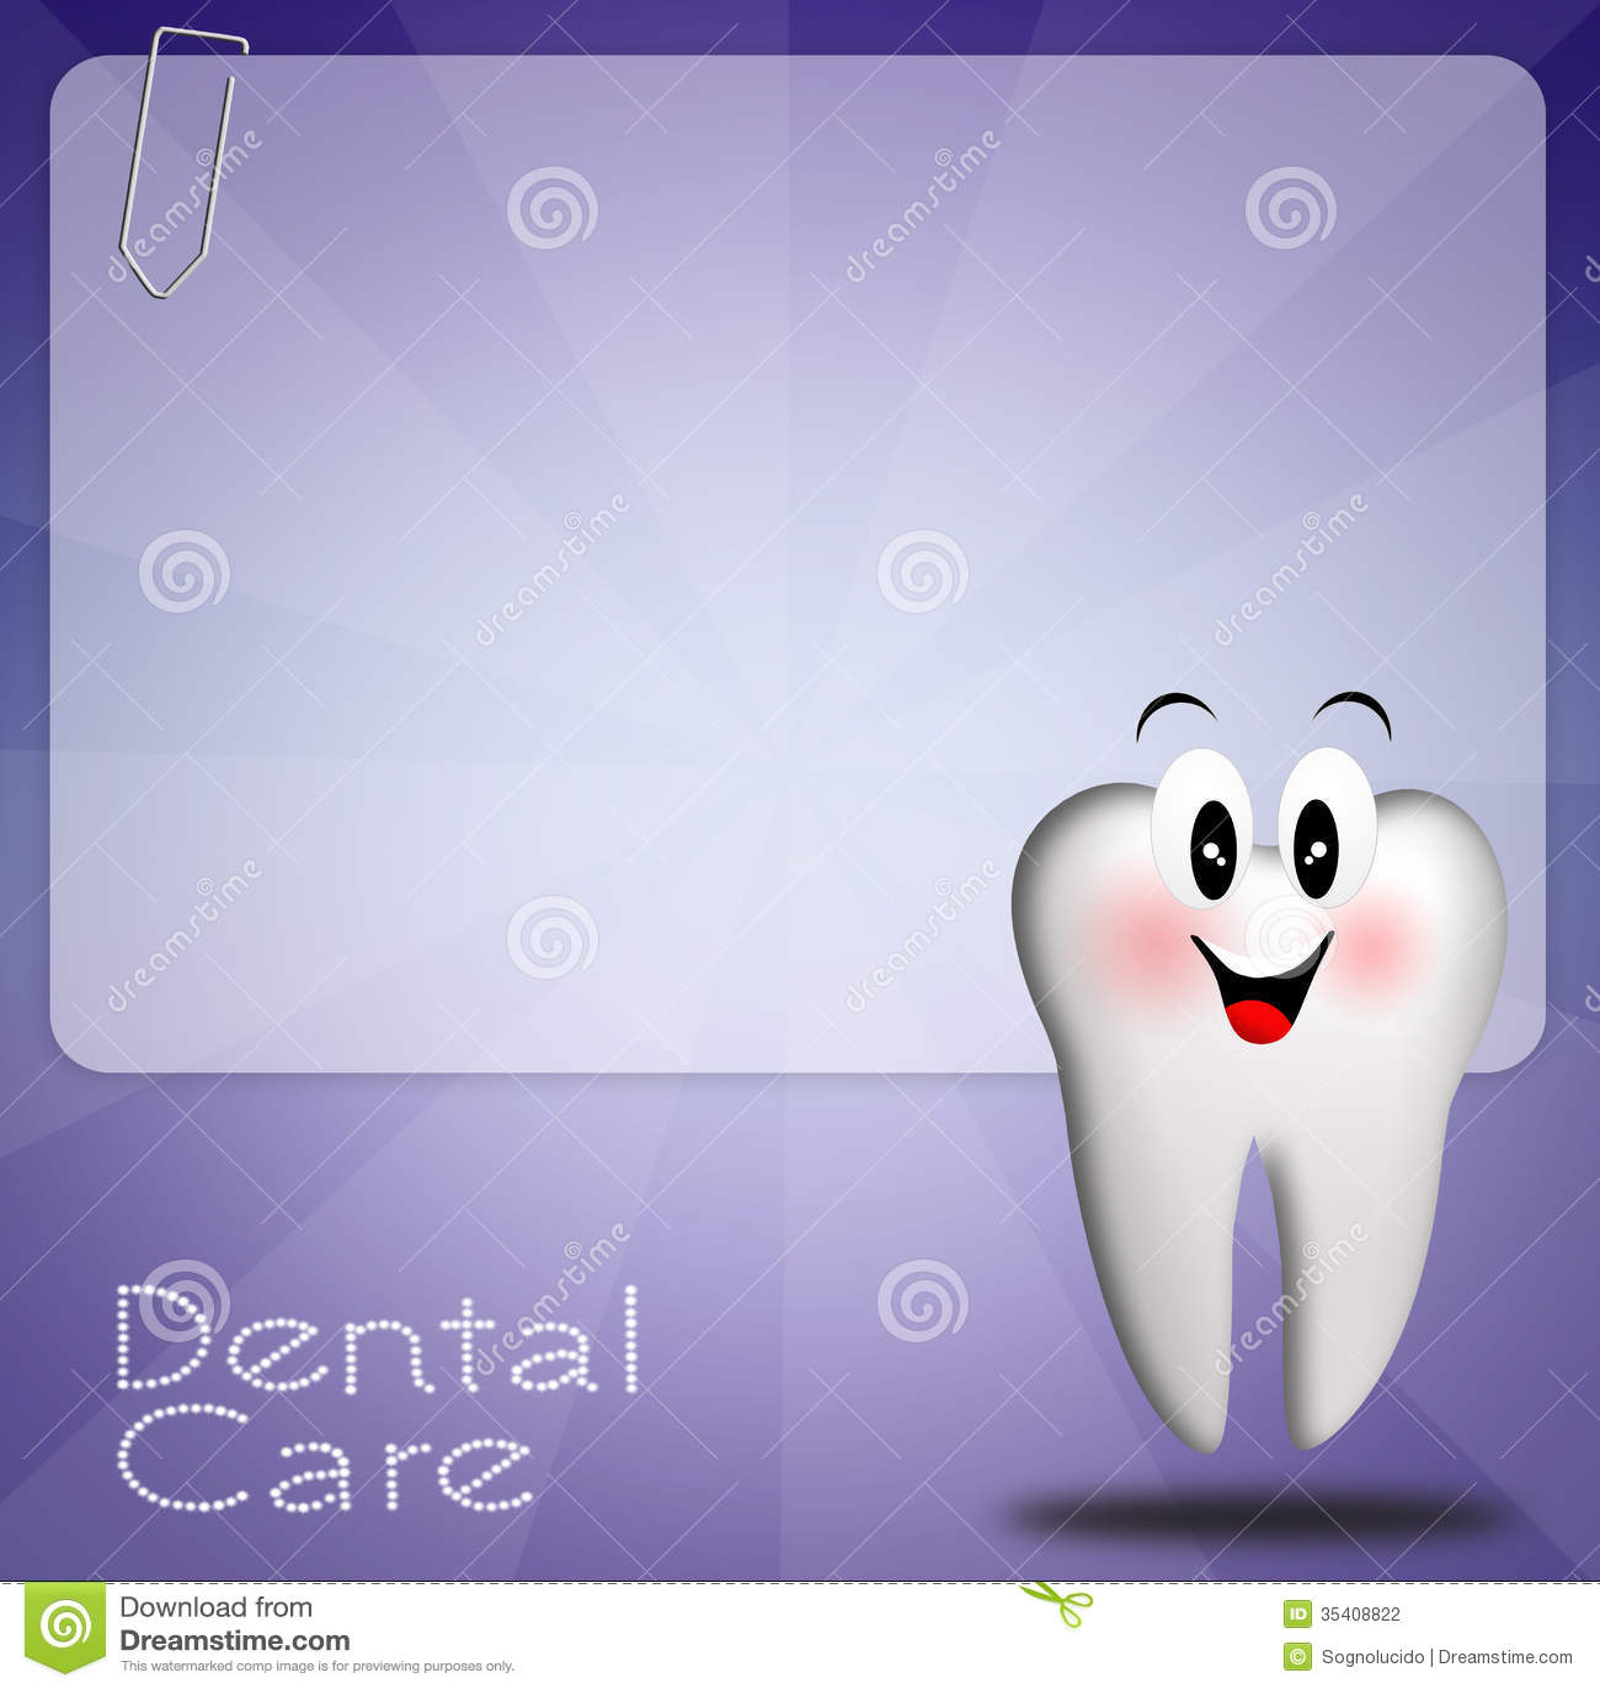 dental-care-illustration-background-tooth-35408822.jpg